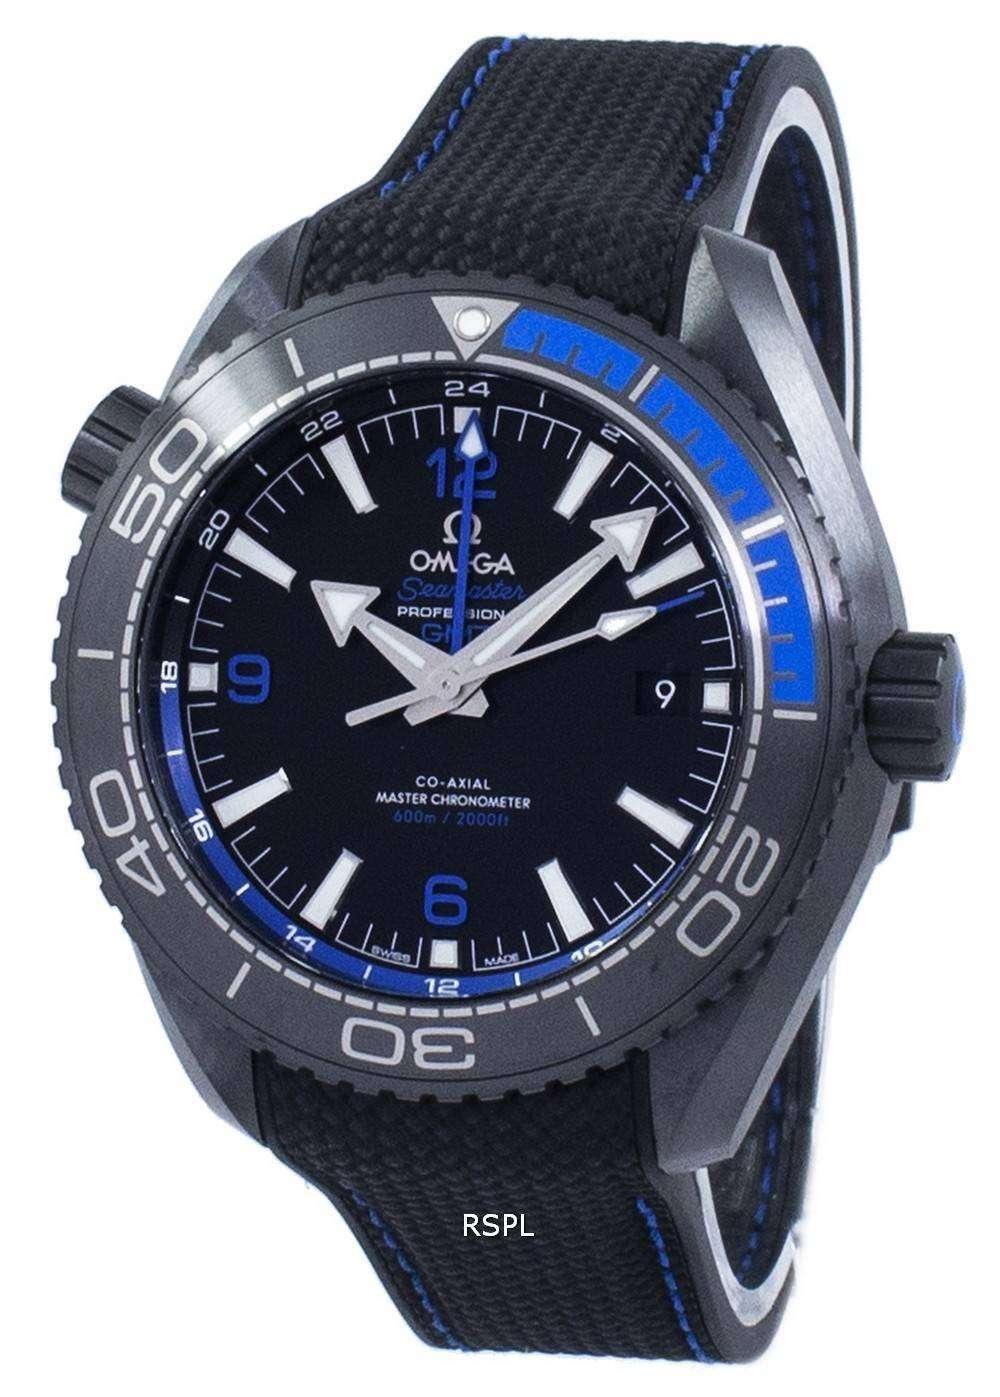 オメガ シーマスター プロフェッショナル プラネットオー シャン GMT オートマティック 215.92.46.22.01.002 メンズ腕時計